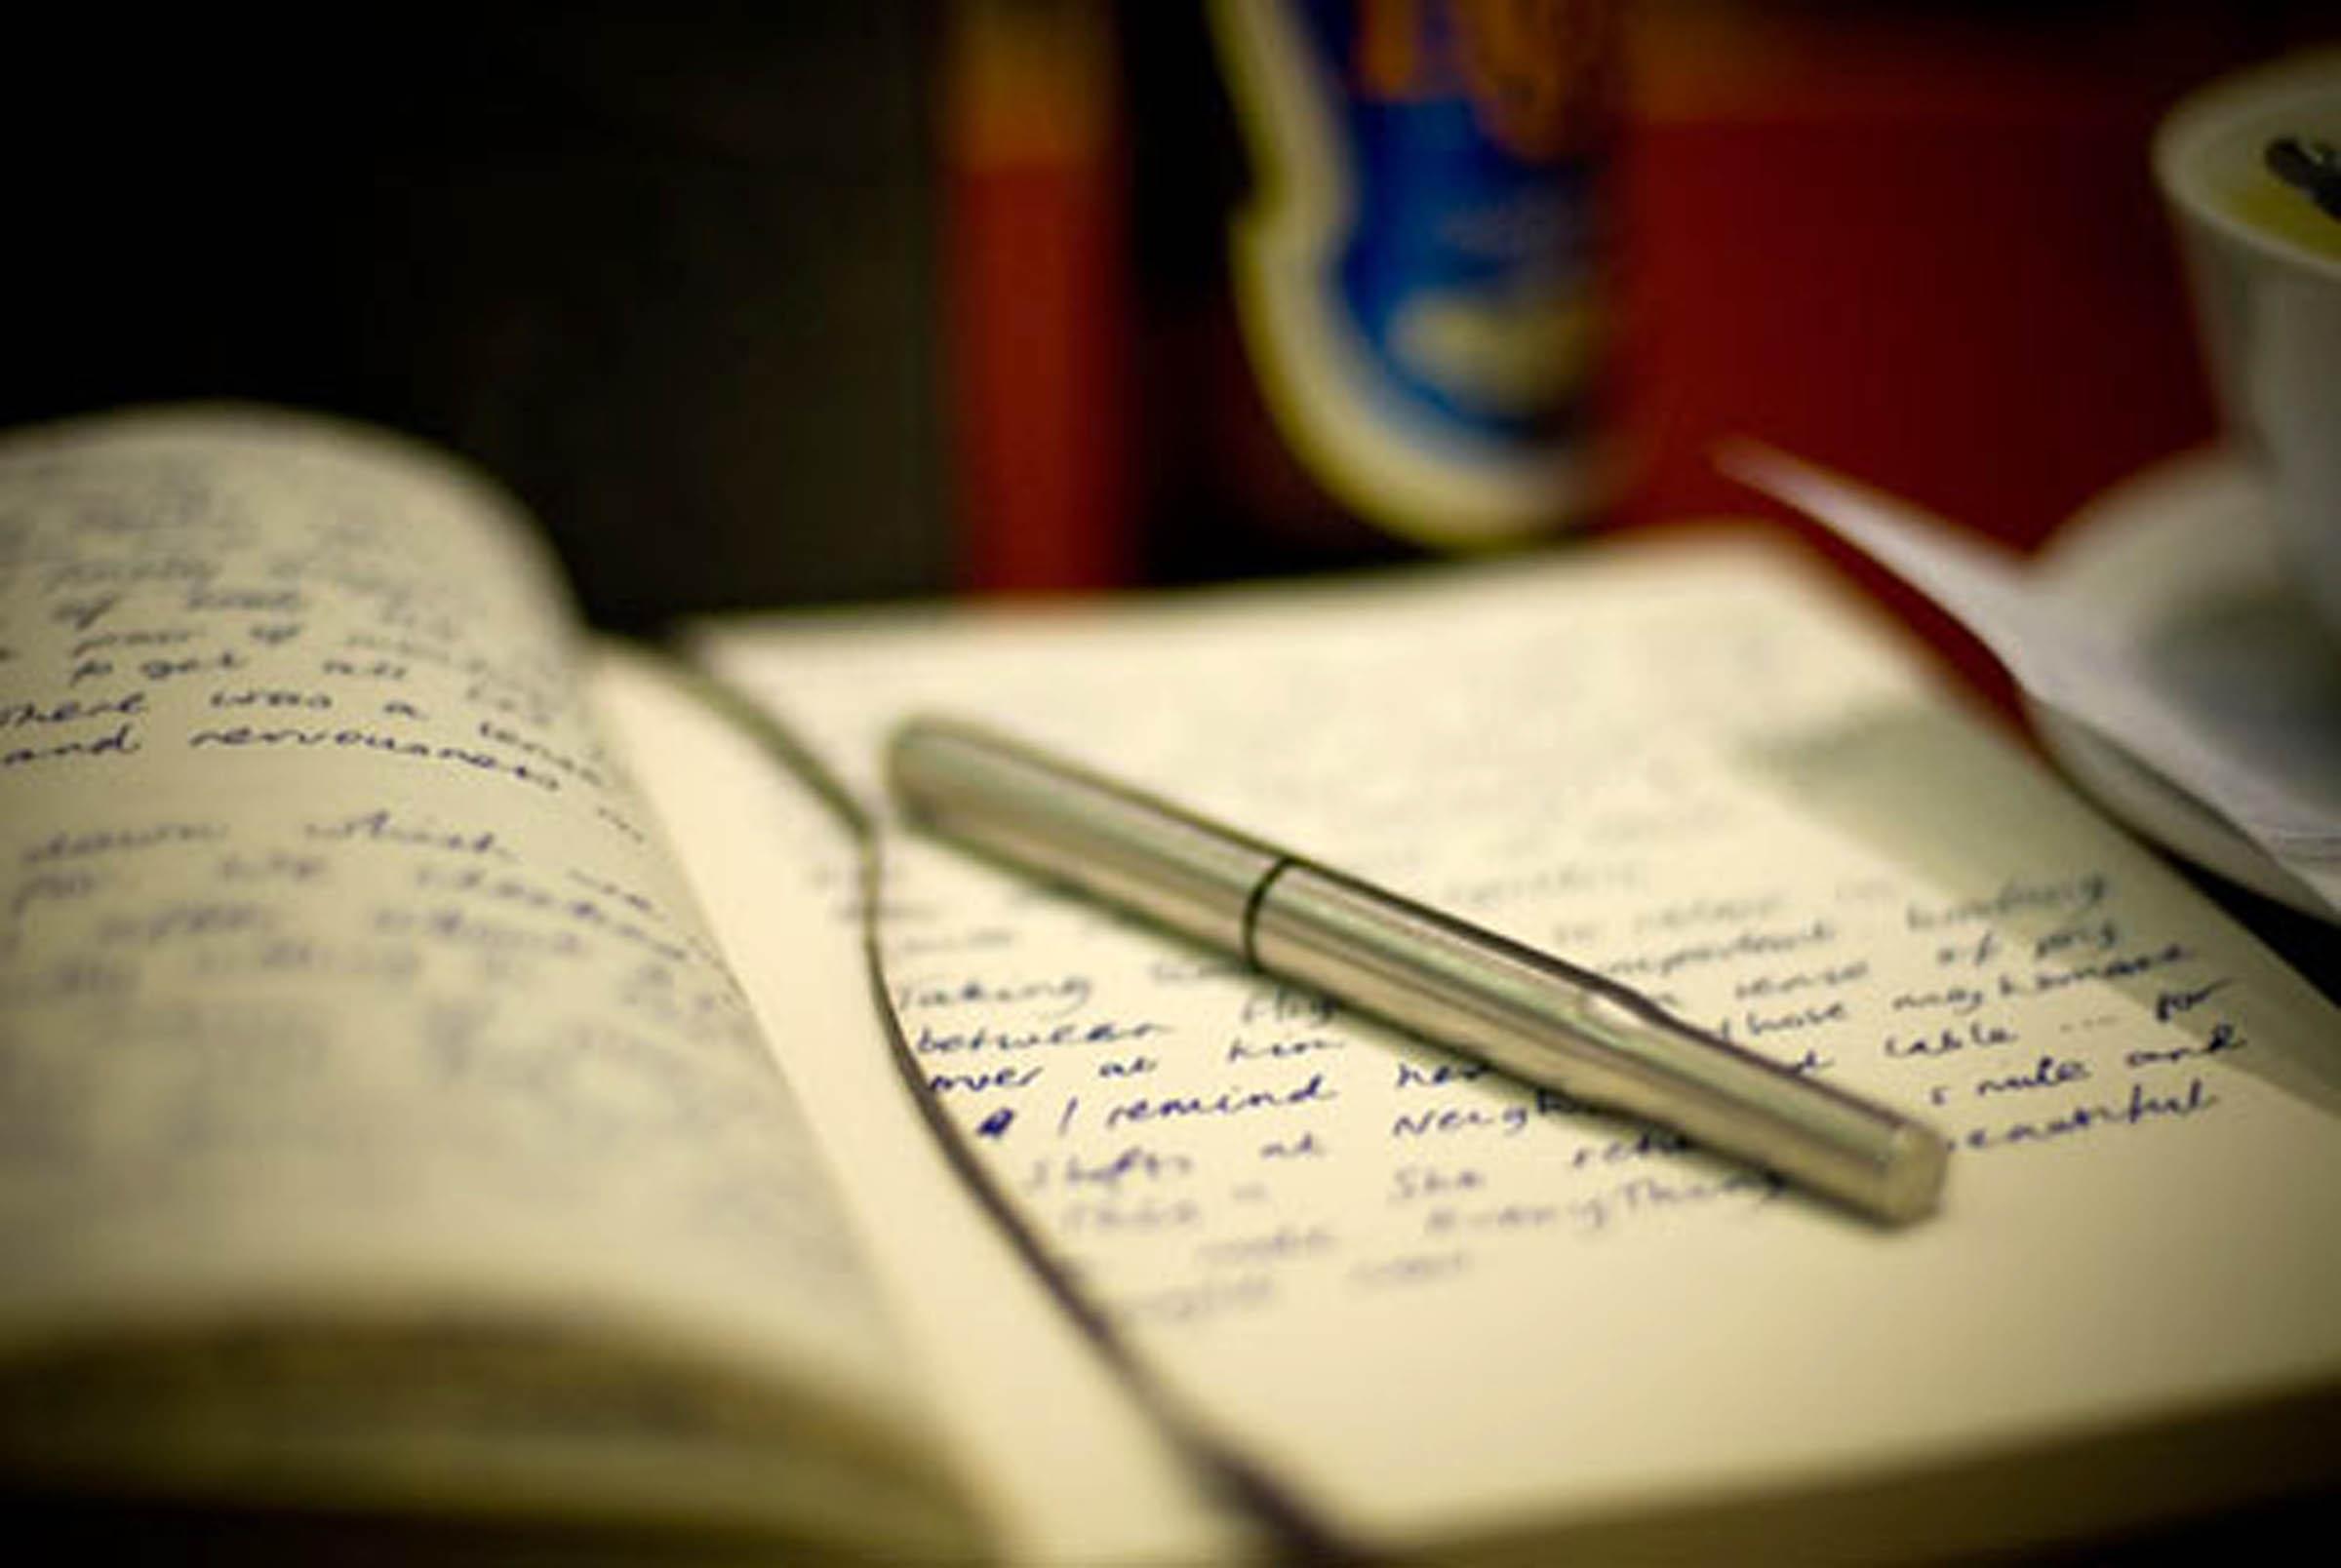 http://catholicblogger1.blogspot.com